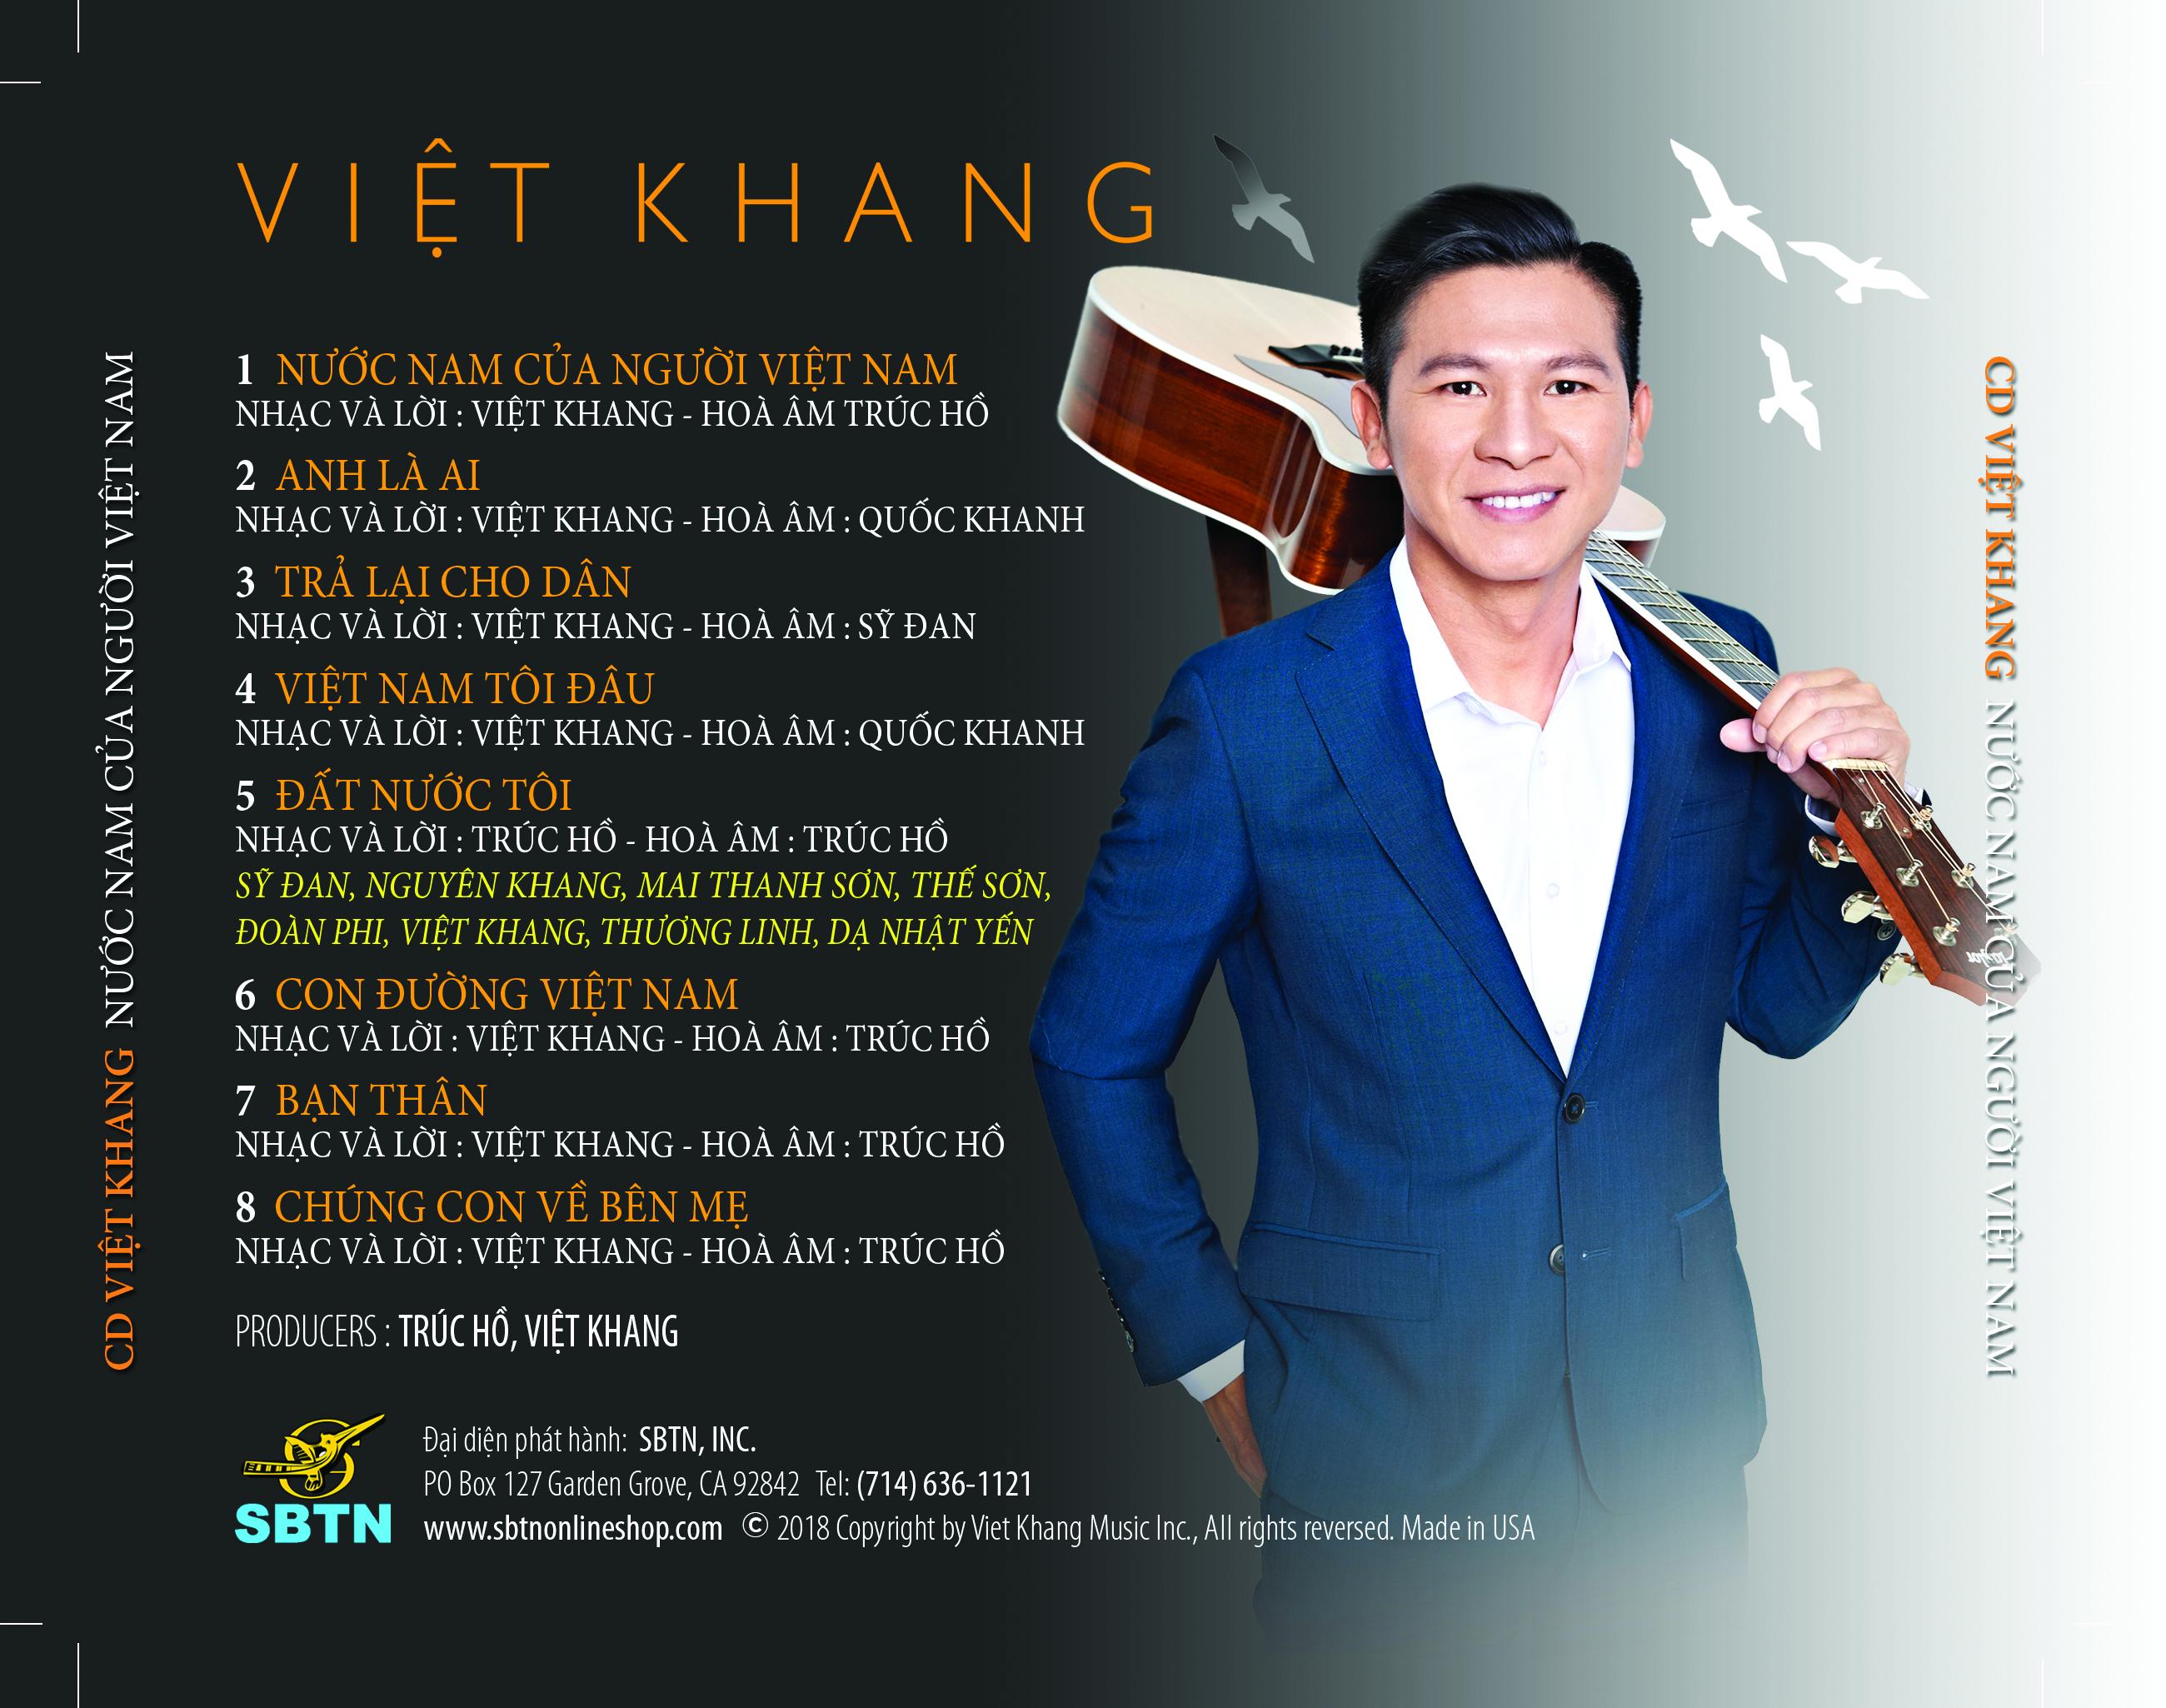 Đài Truyền Hình SBTN phát hành bộ DVD Đất Nước Tôi và CD Việt Khang